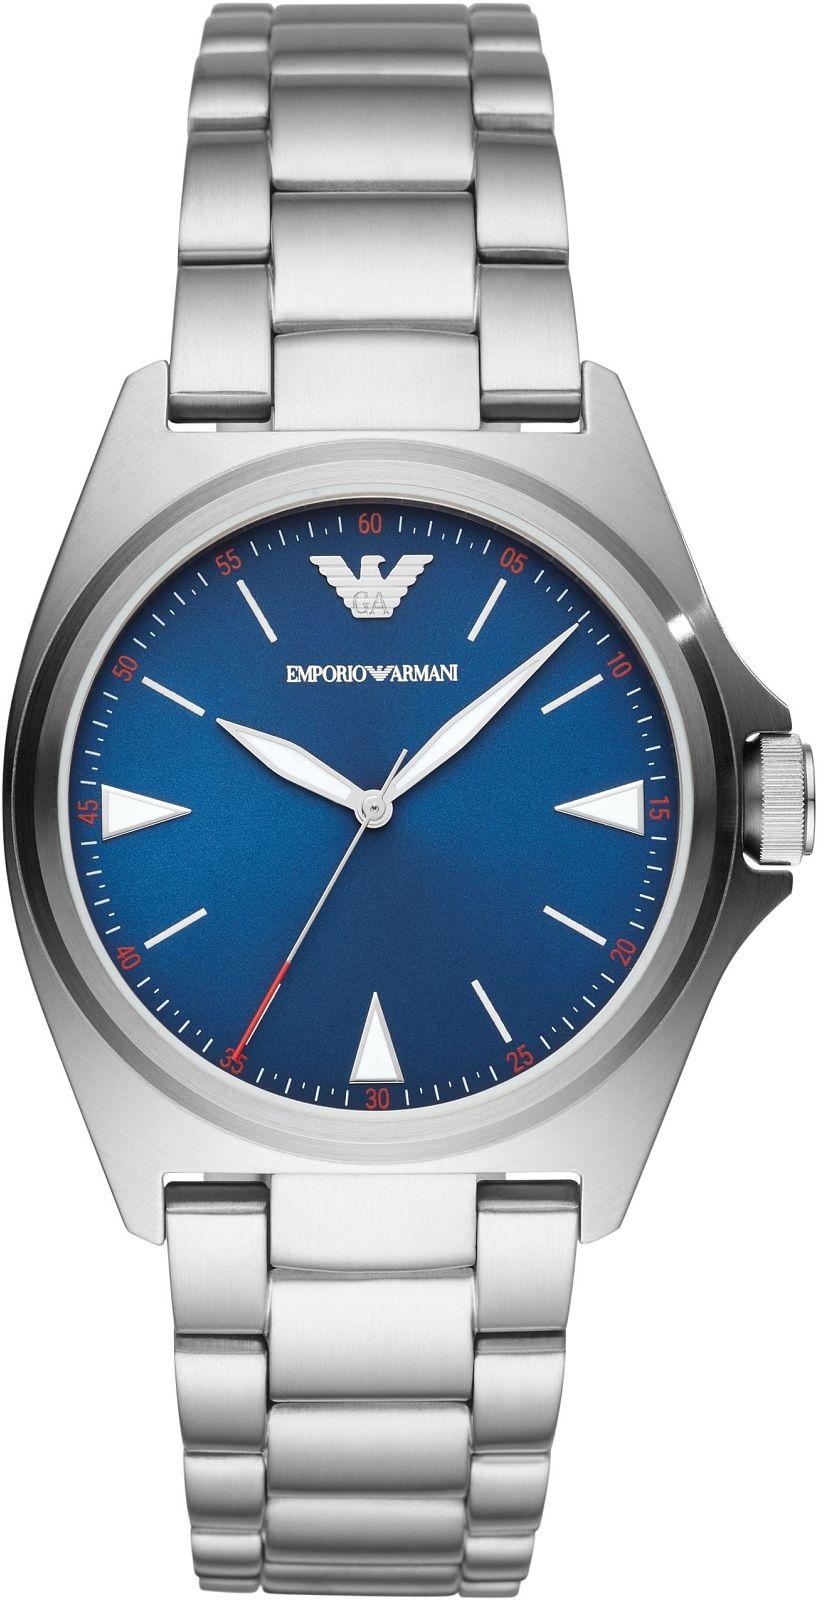 Zegarek Emporio Armani AR11307 > Darmowa dostawa UPS Darmowy zwrot UPS przez 100 DNI Odbierz w salonie w Warszawie